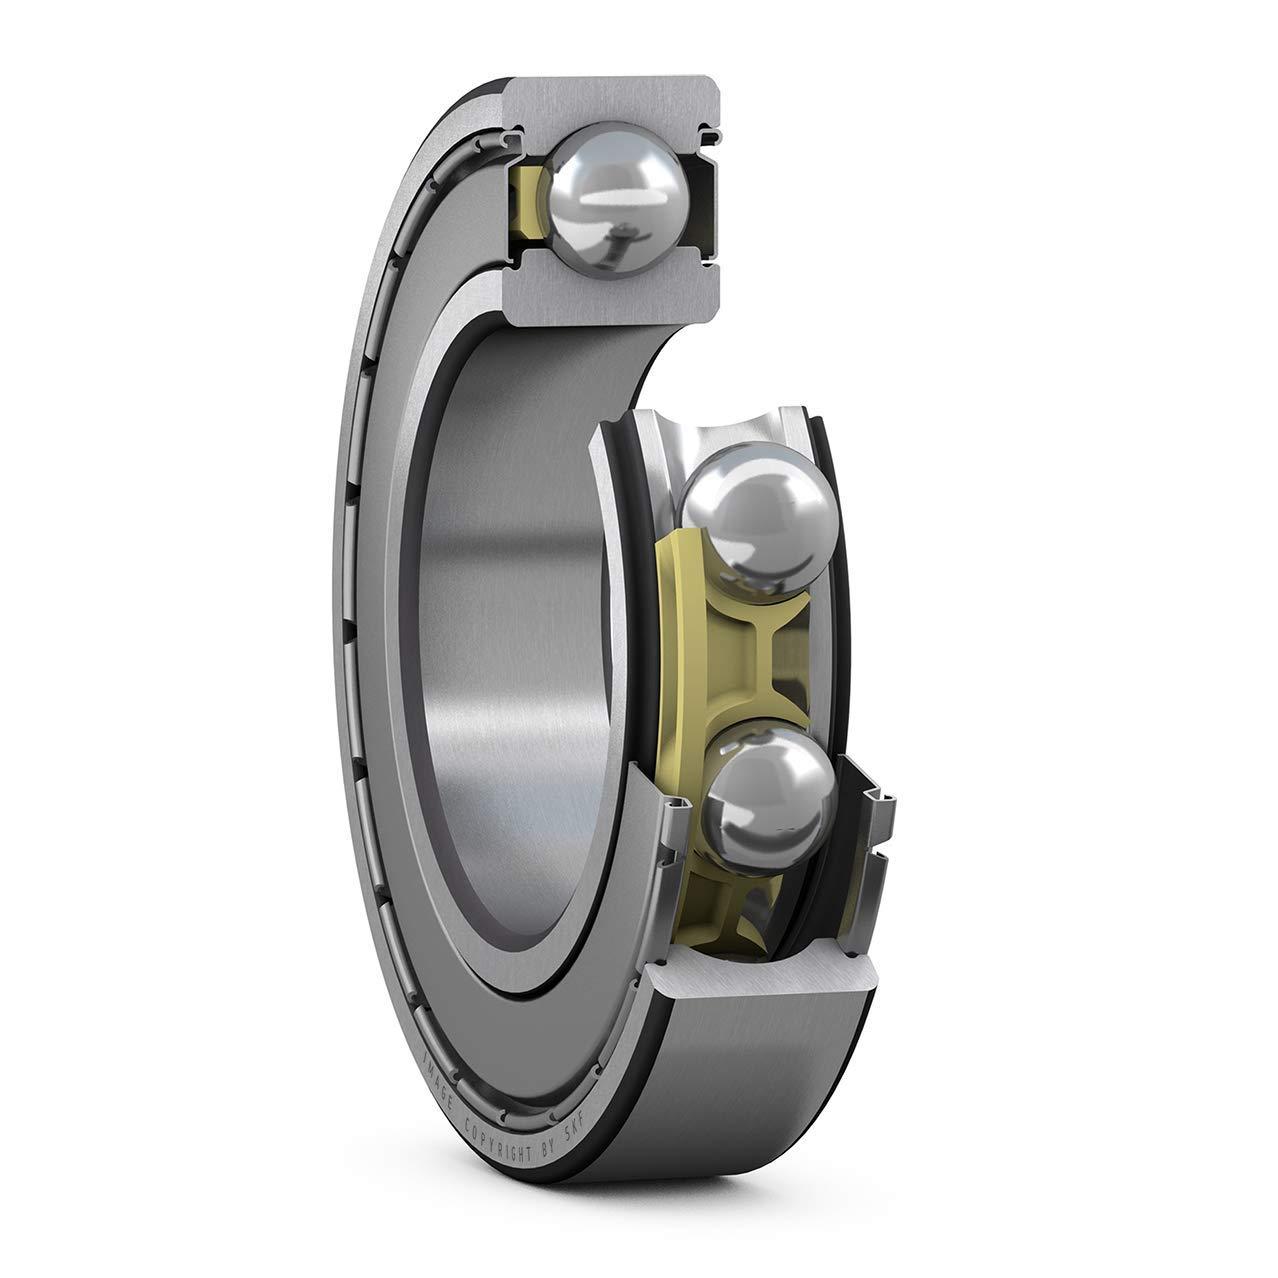 E2 6201 2z C3 Skf Rillenkugellager Ball Bearing 12x32x10mm Gewerbe Industrie Wissenschaft